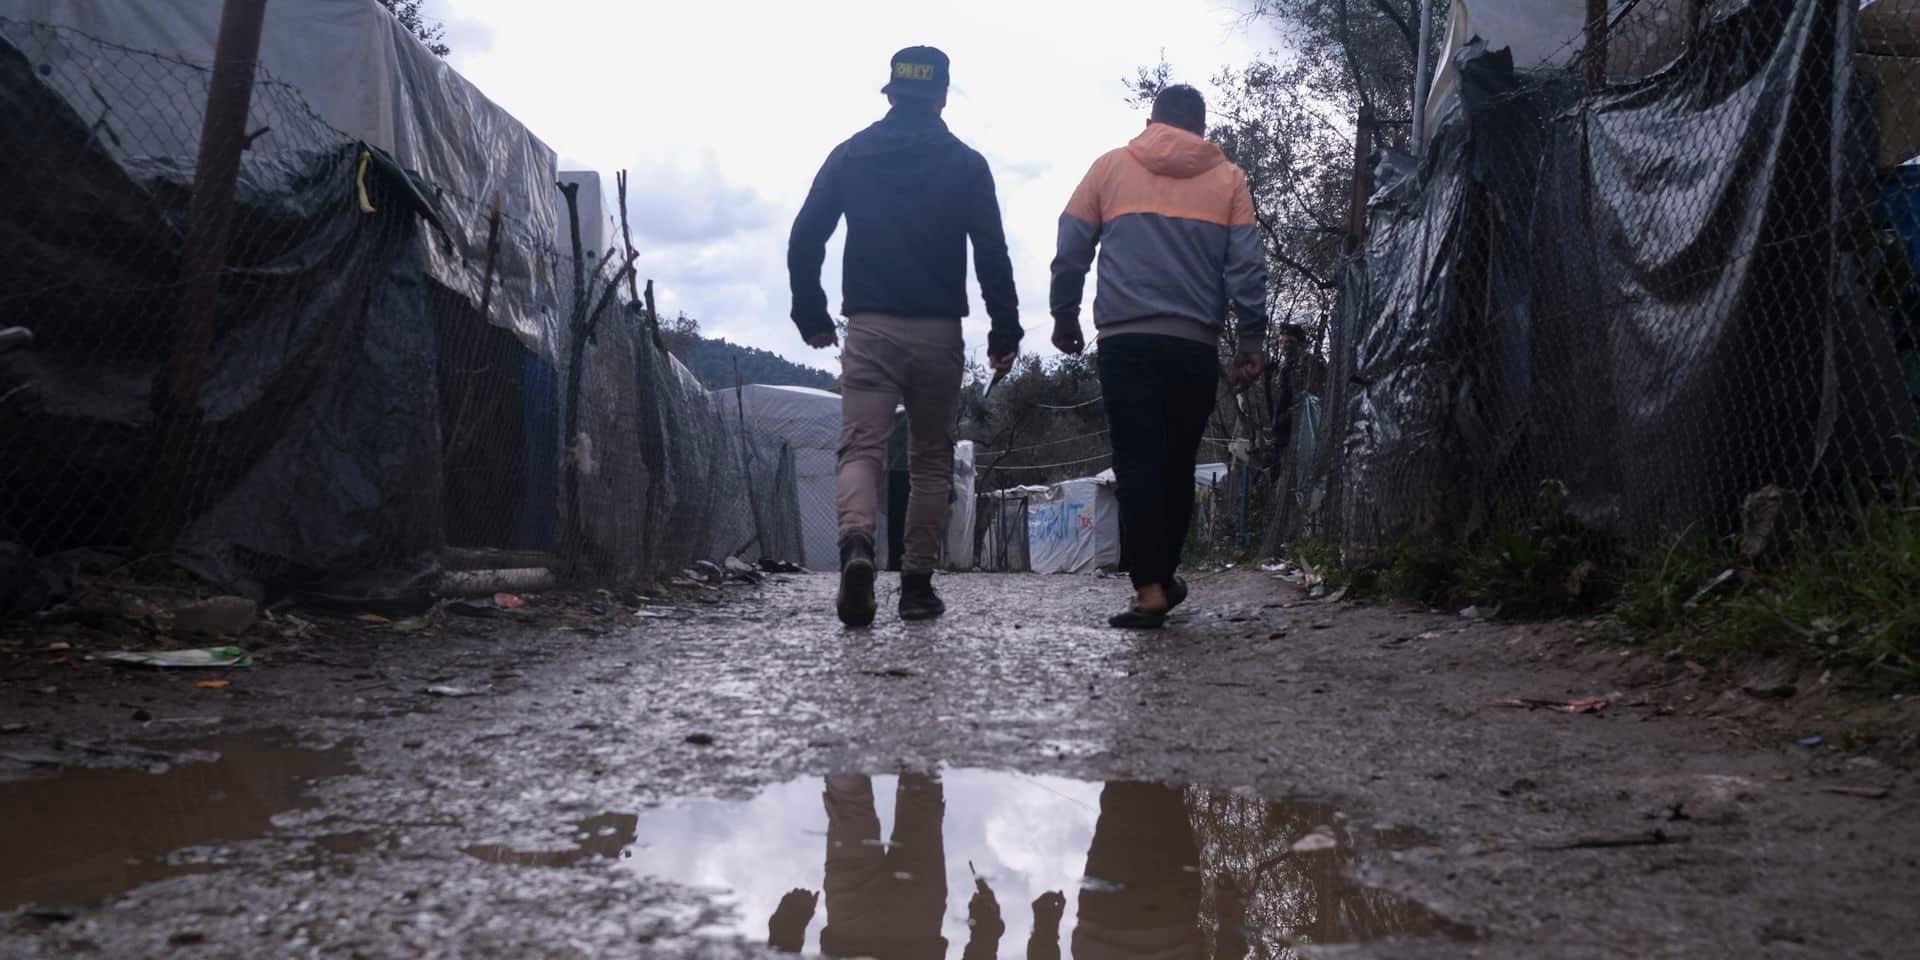 Comment Lesbos est devenue une terre hostile aux migrants ?